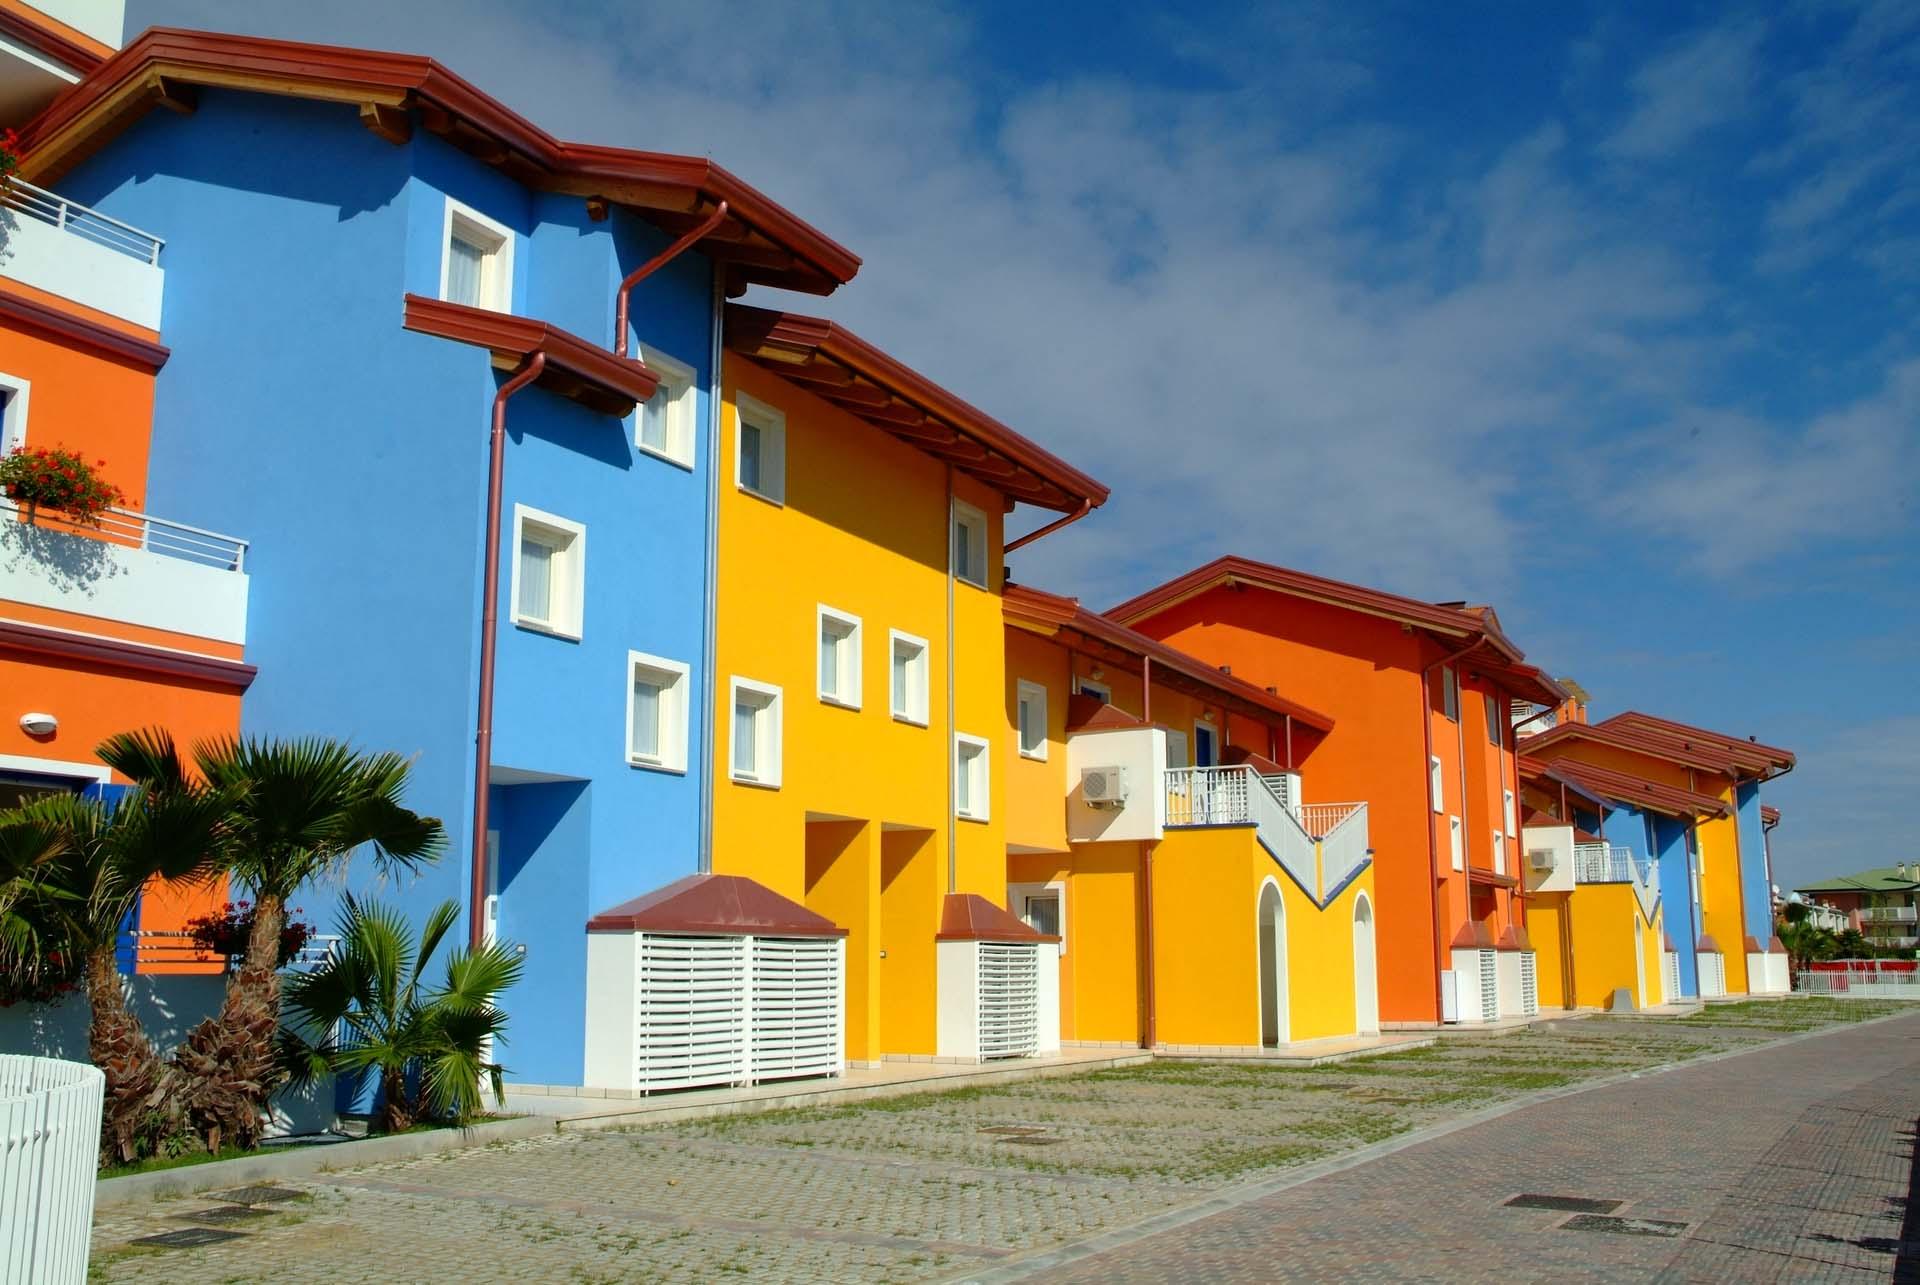 concept house casa modello rewood ille case in legno